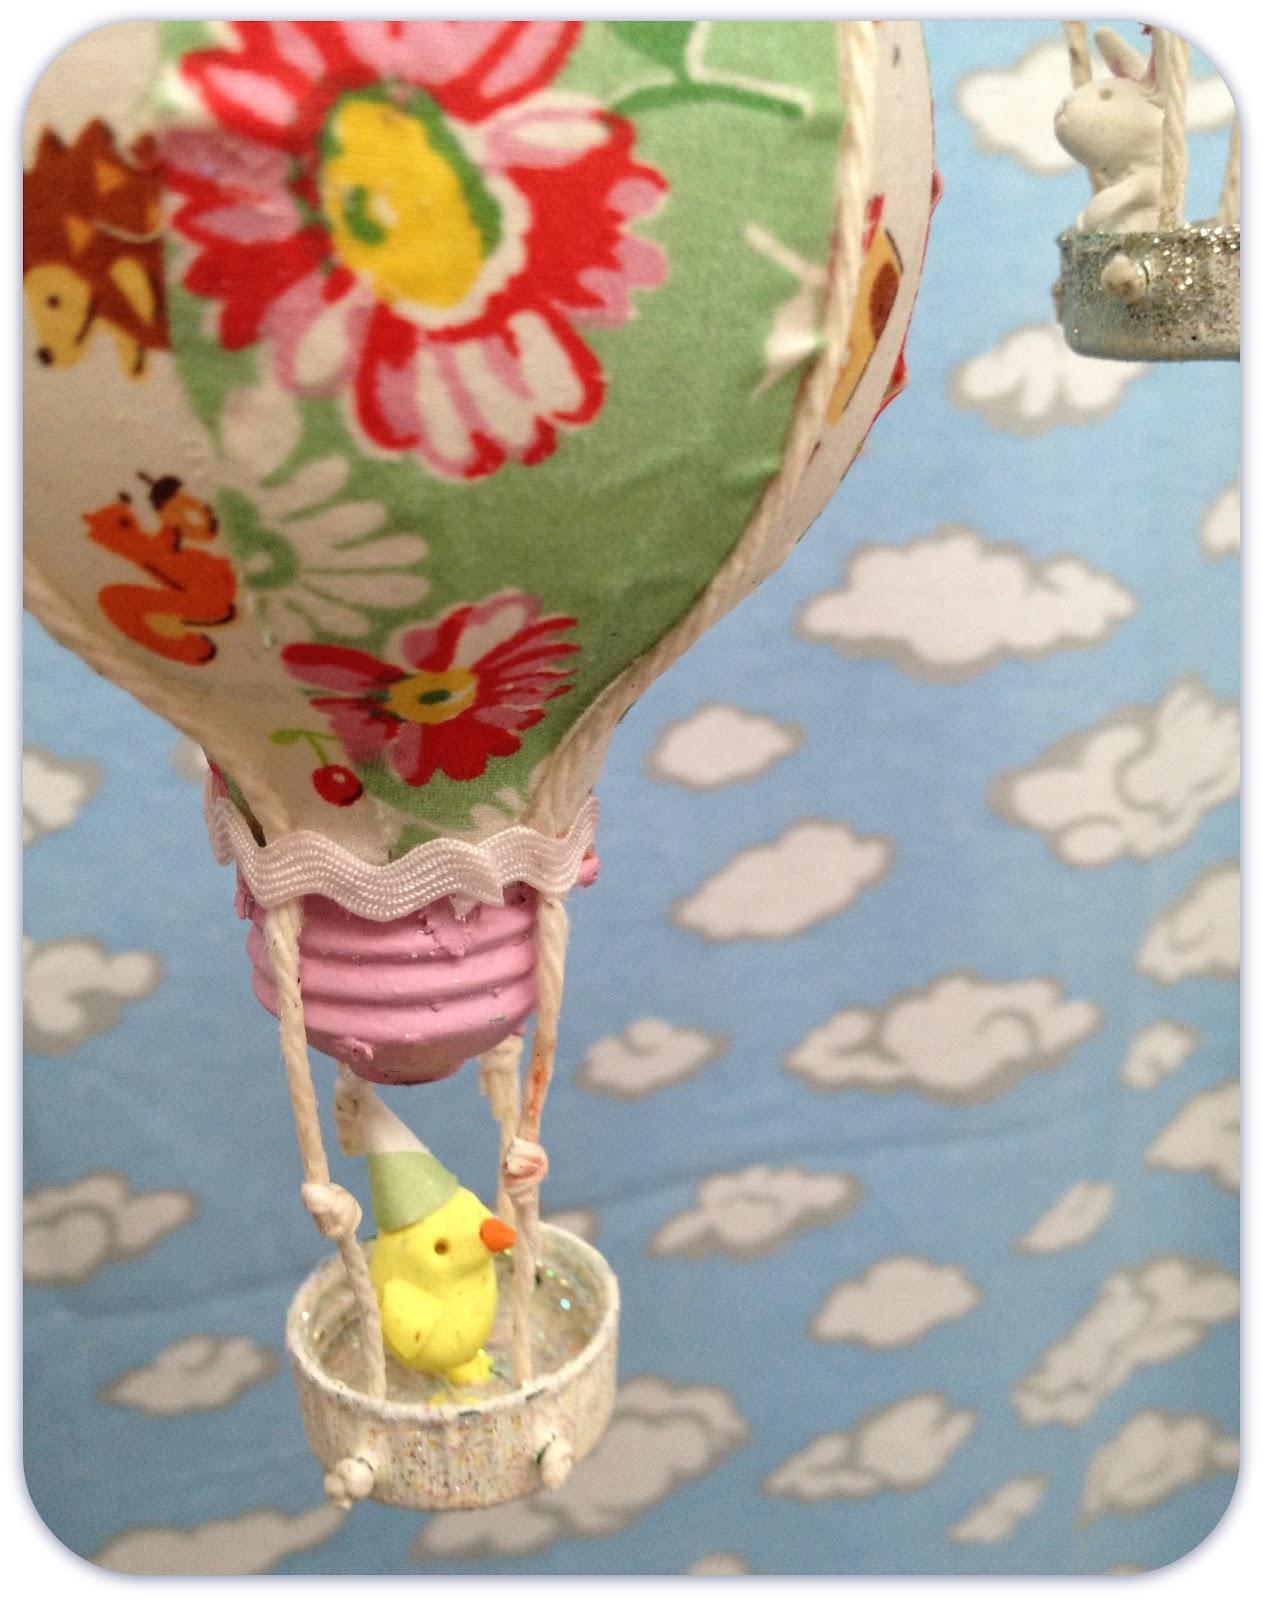 Воздушный шар из лампочки. поделки из лампочек своими руками как сделать игрушку из лампочки воздушный шар